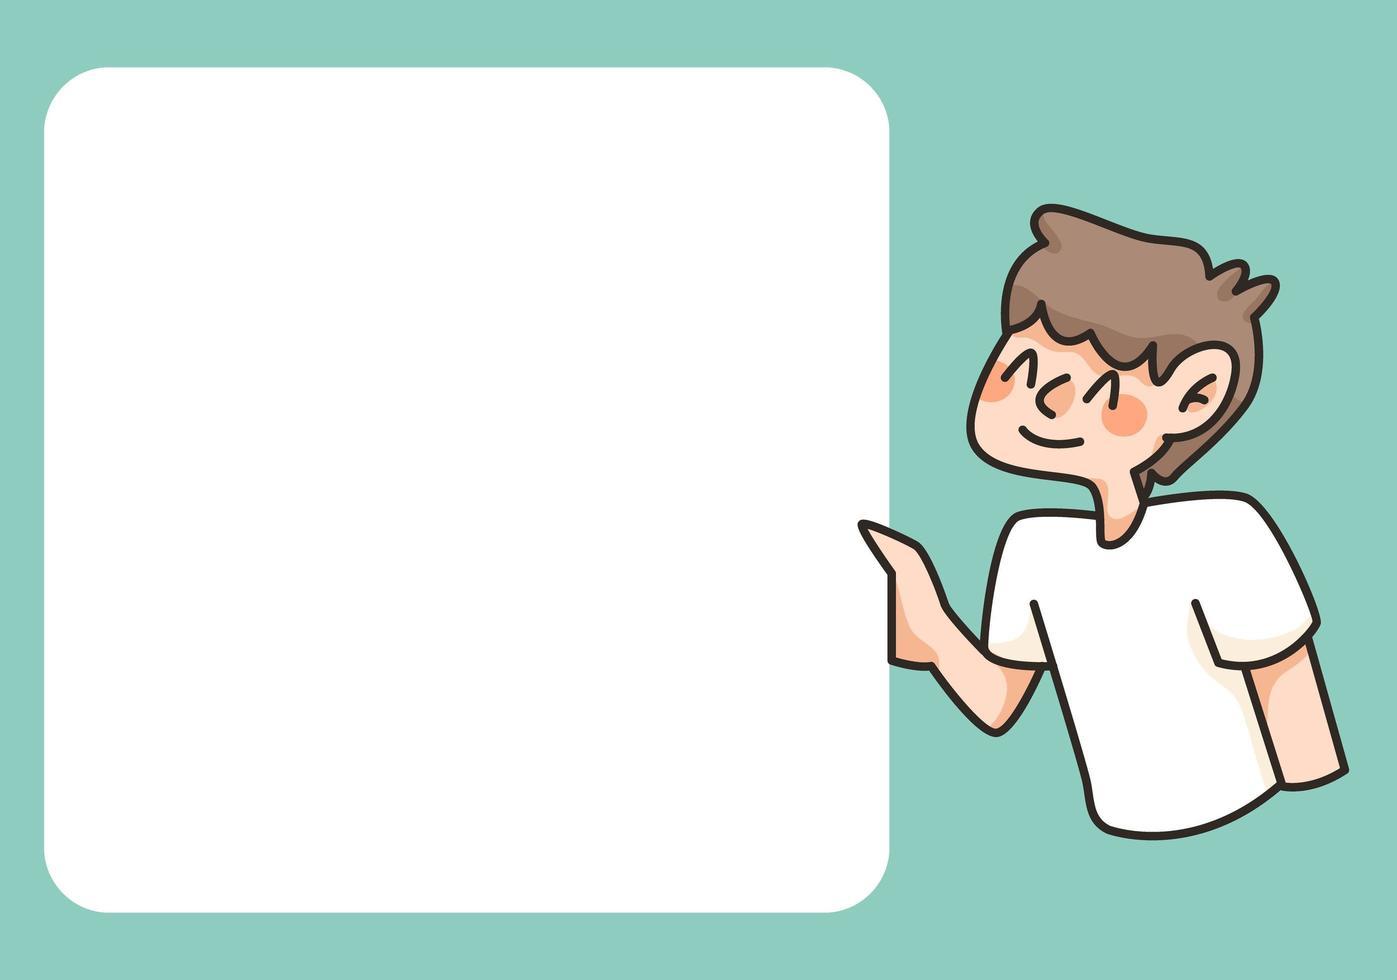 retour à lécole bloc-notes illustration de dessin animé mignon vecteur